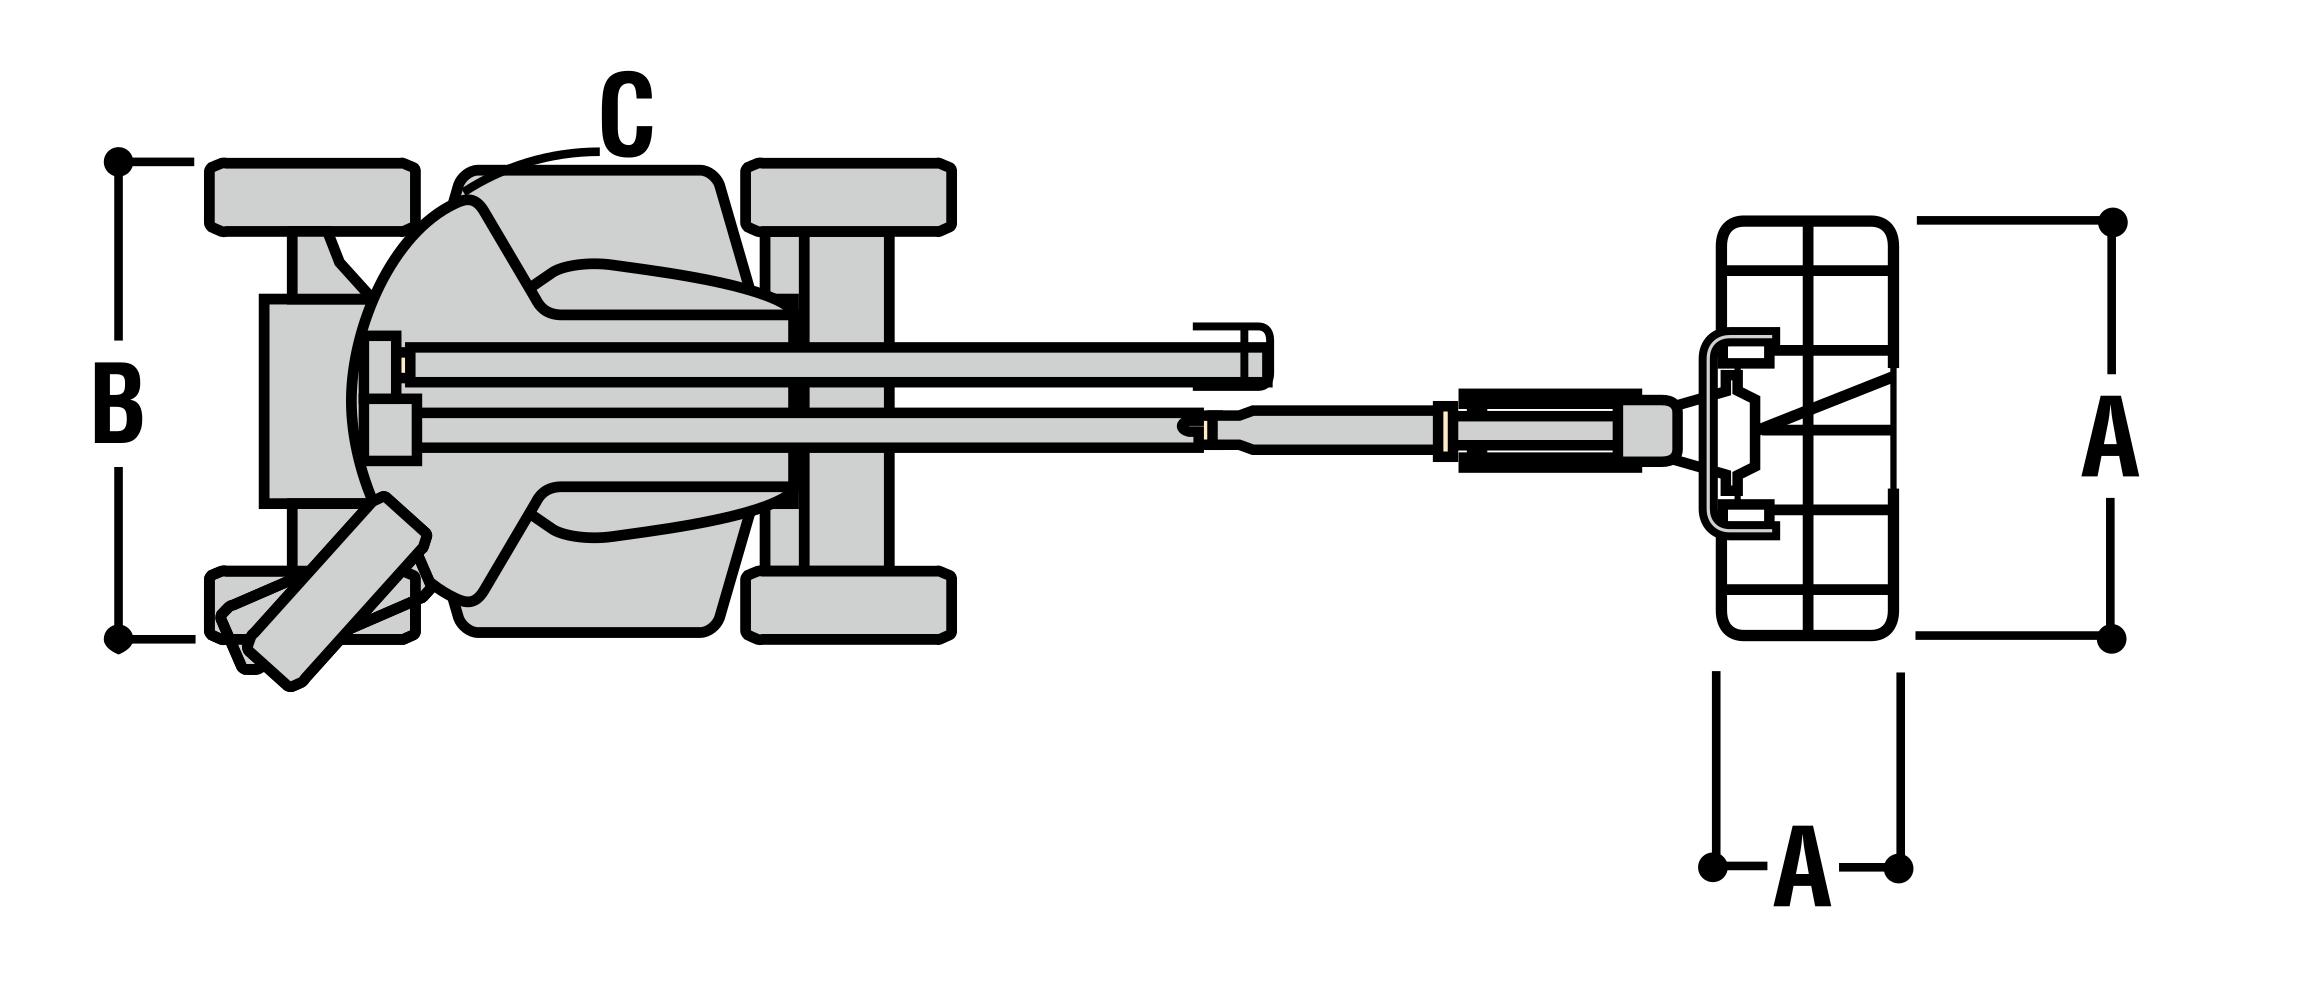 JLG E450AJ Dimensions (2)